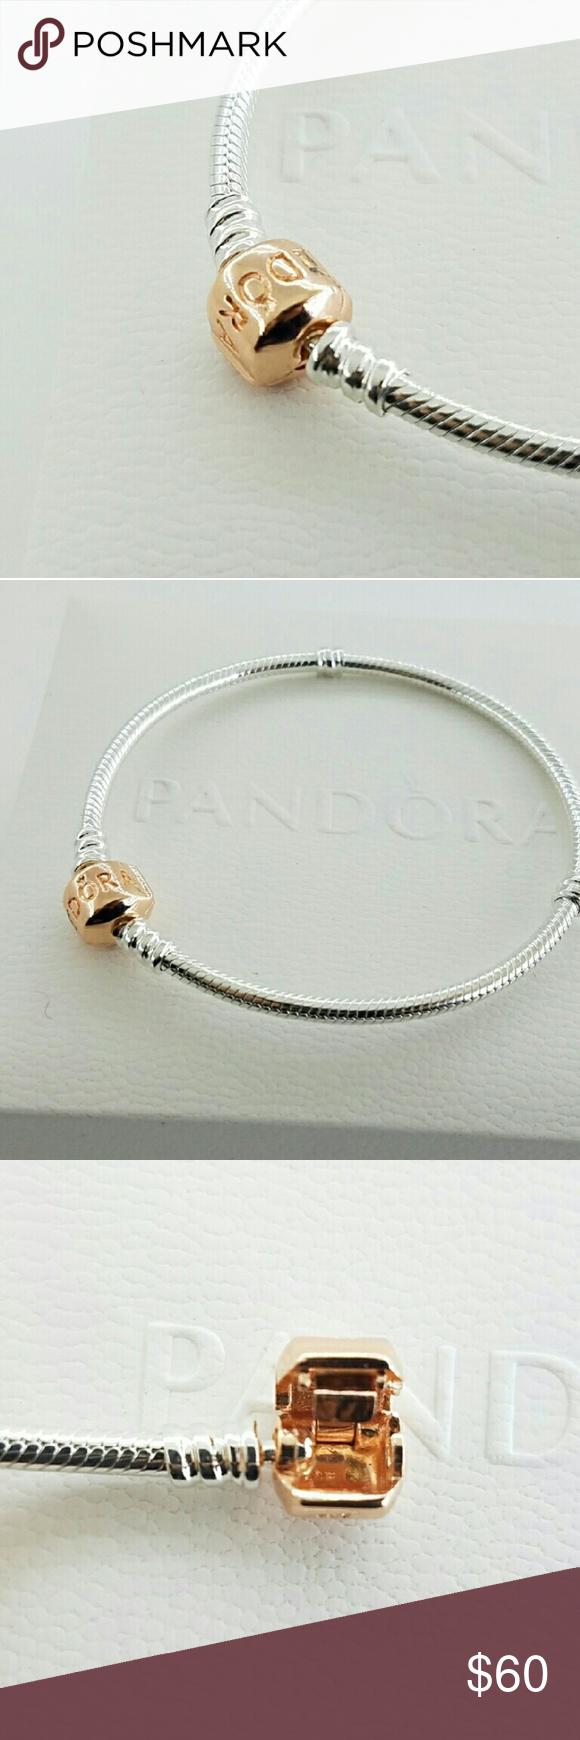 Authentic Pandora Rose Gold Clasp